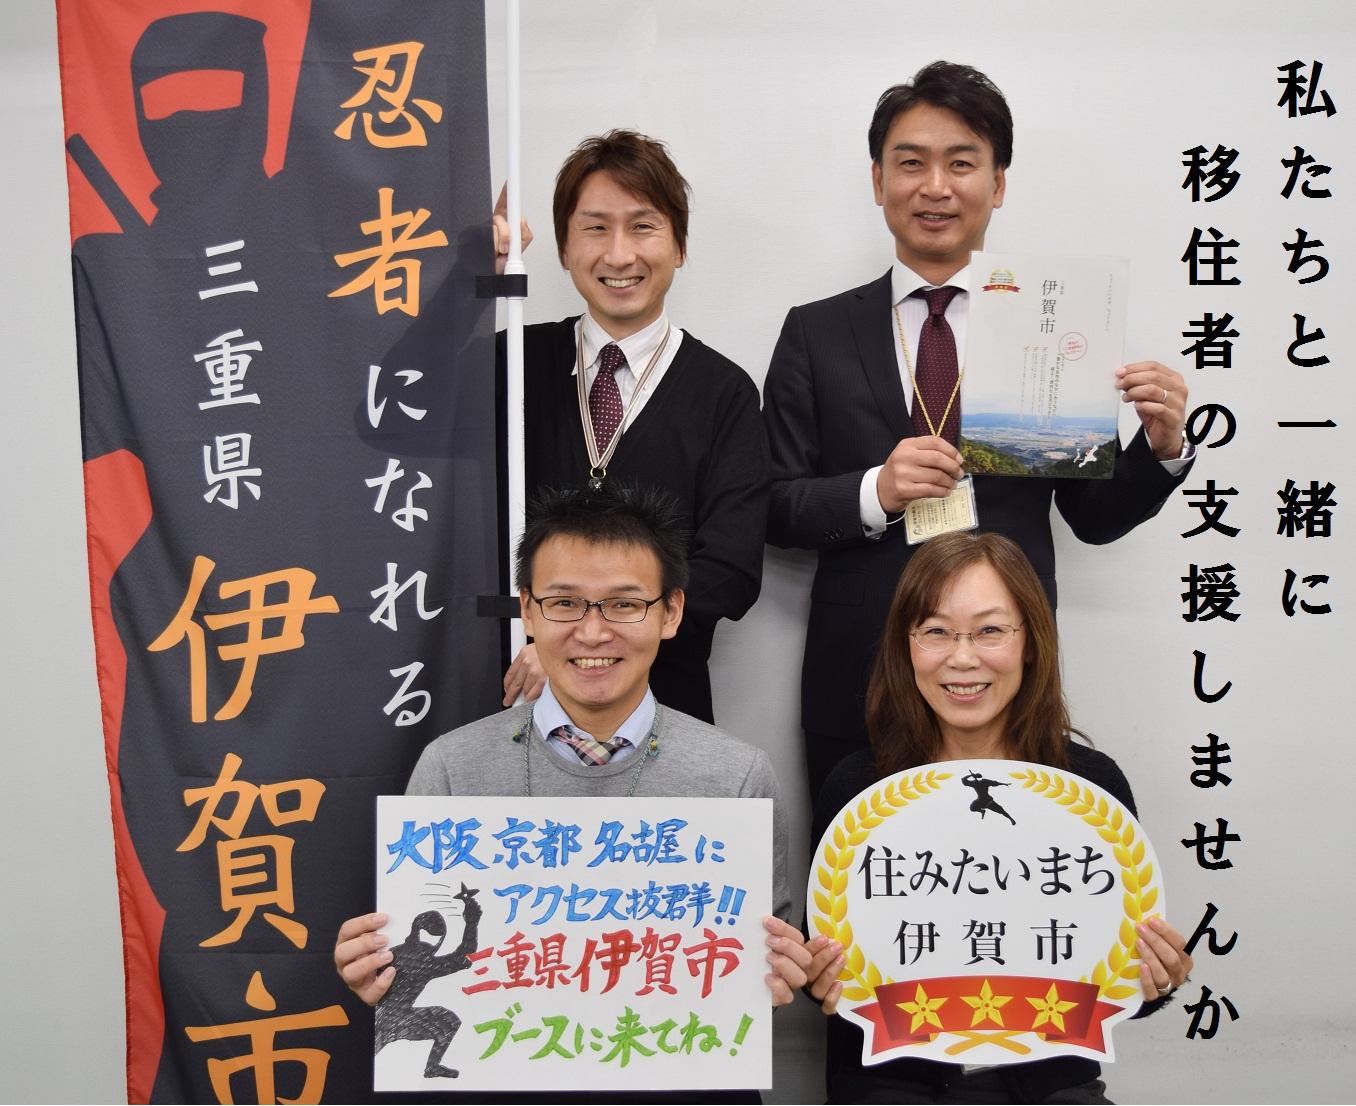 伊賀市への移住をサポートする移住コンシェルジュを募集します。_写真1